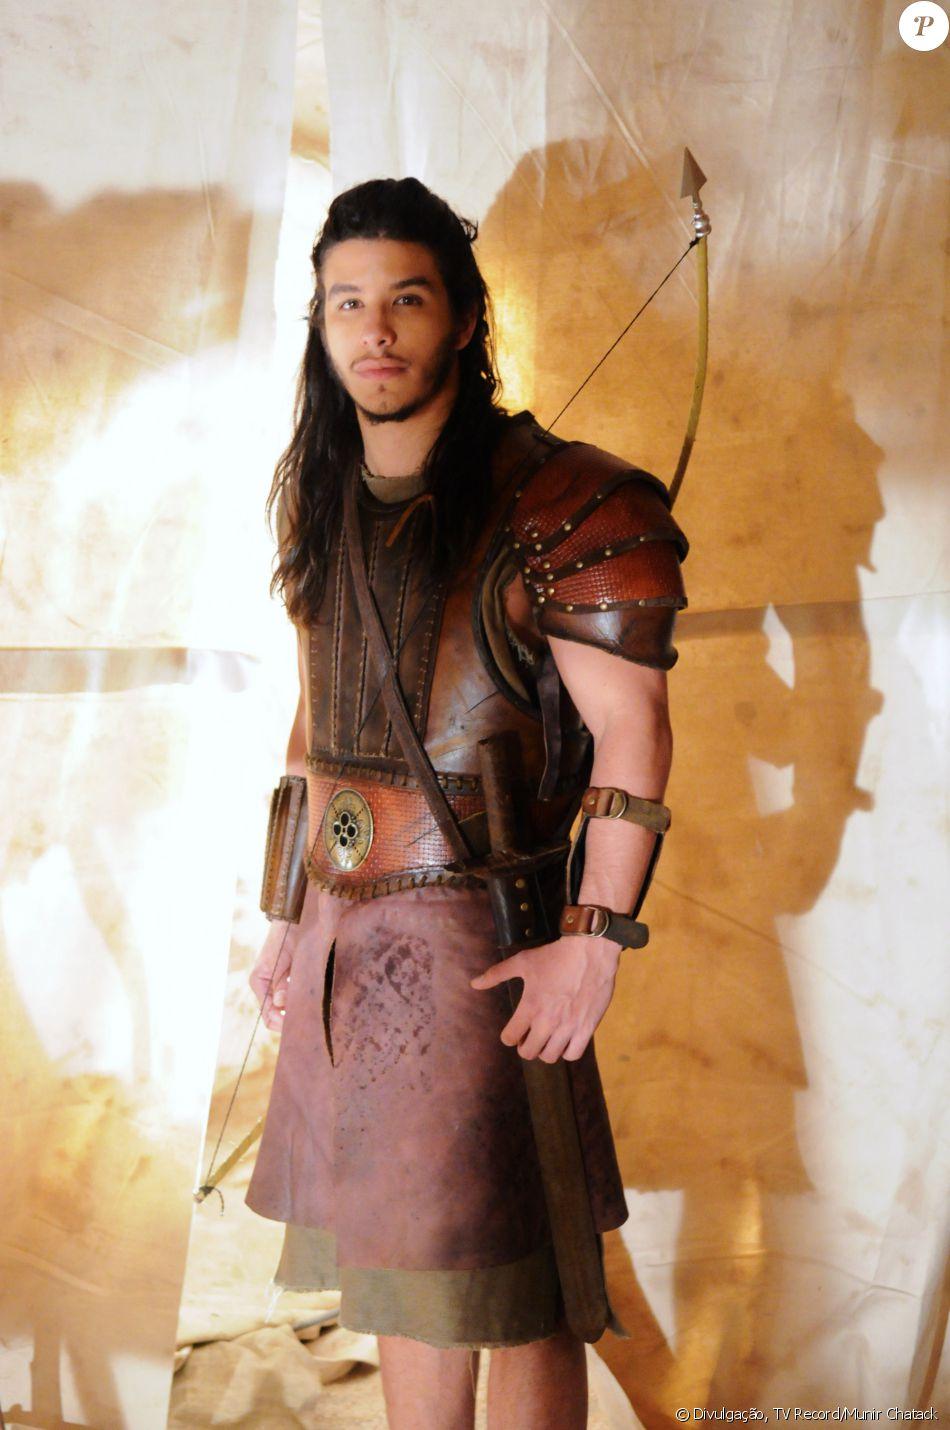 Zaqueu (Ricky Tavares) é o líder dos caçadores da tribo Enfraim e noivo de Chaia (Juliana Boller). Acredita que matou Aruna (Thais Melchior) e, por isso, passa a se esconder, na novela 'A Terra Prometida'